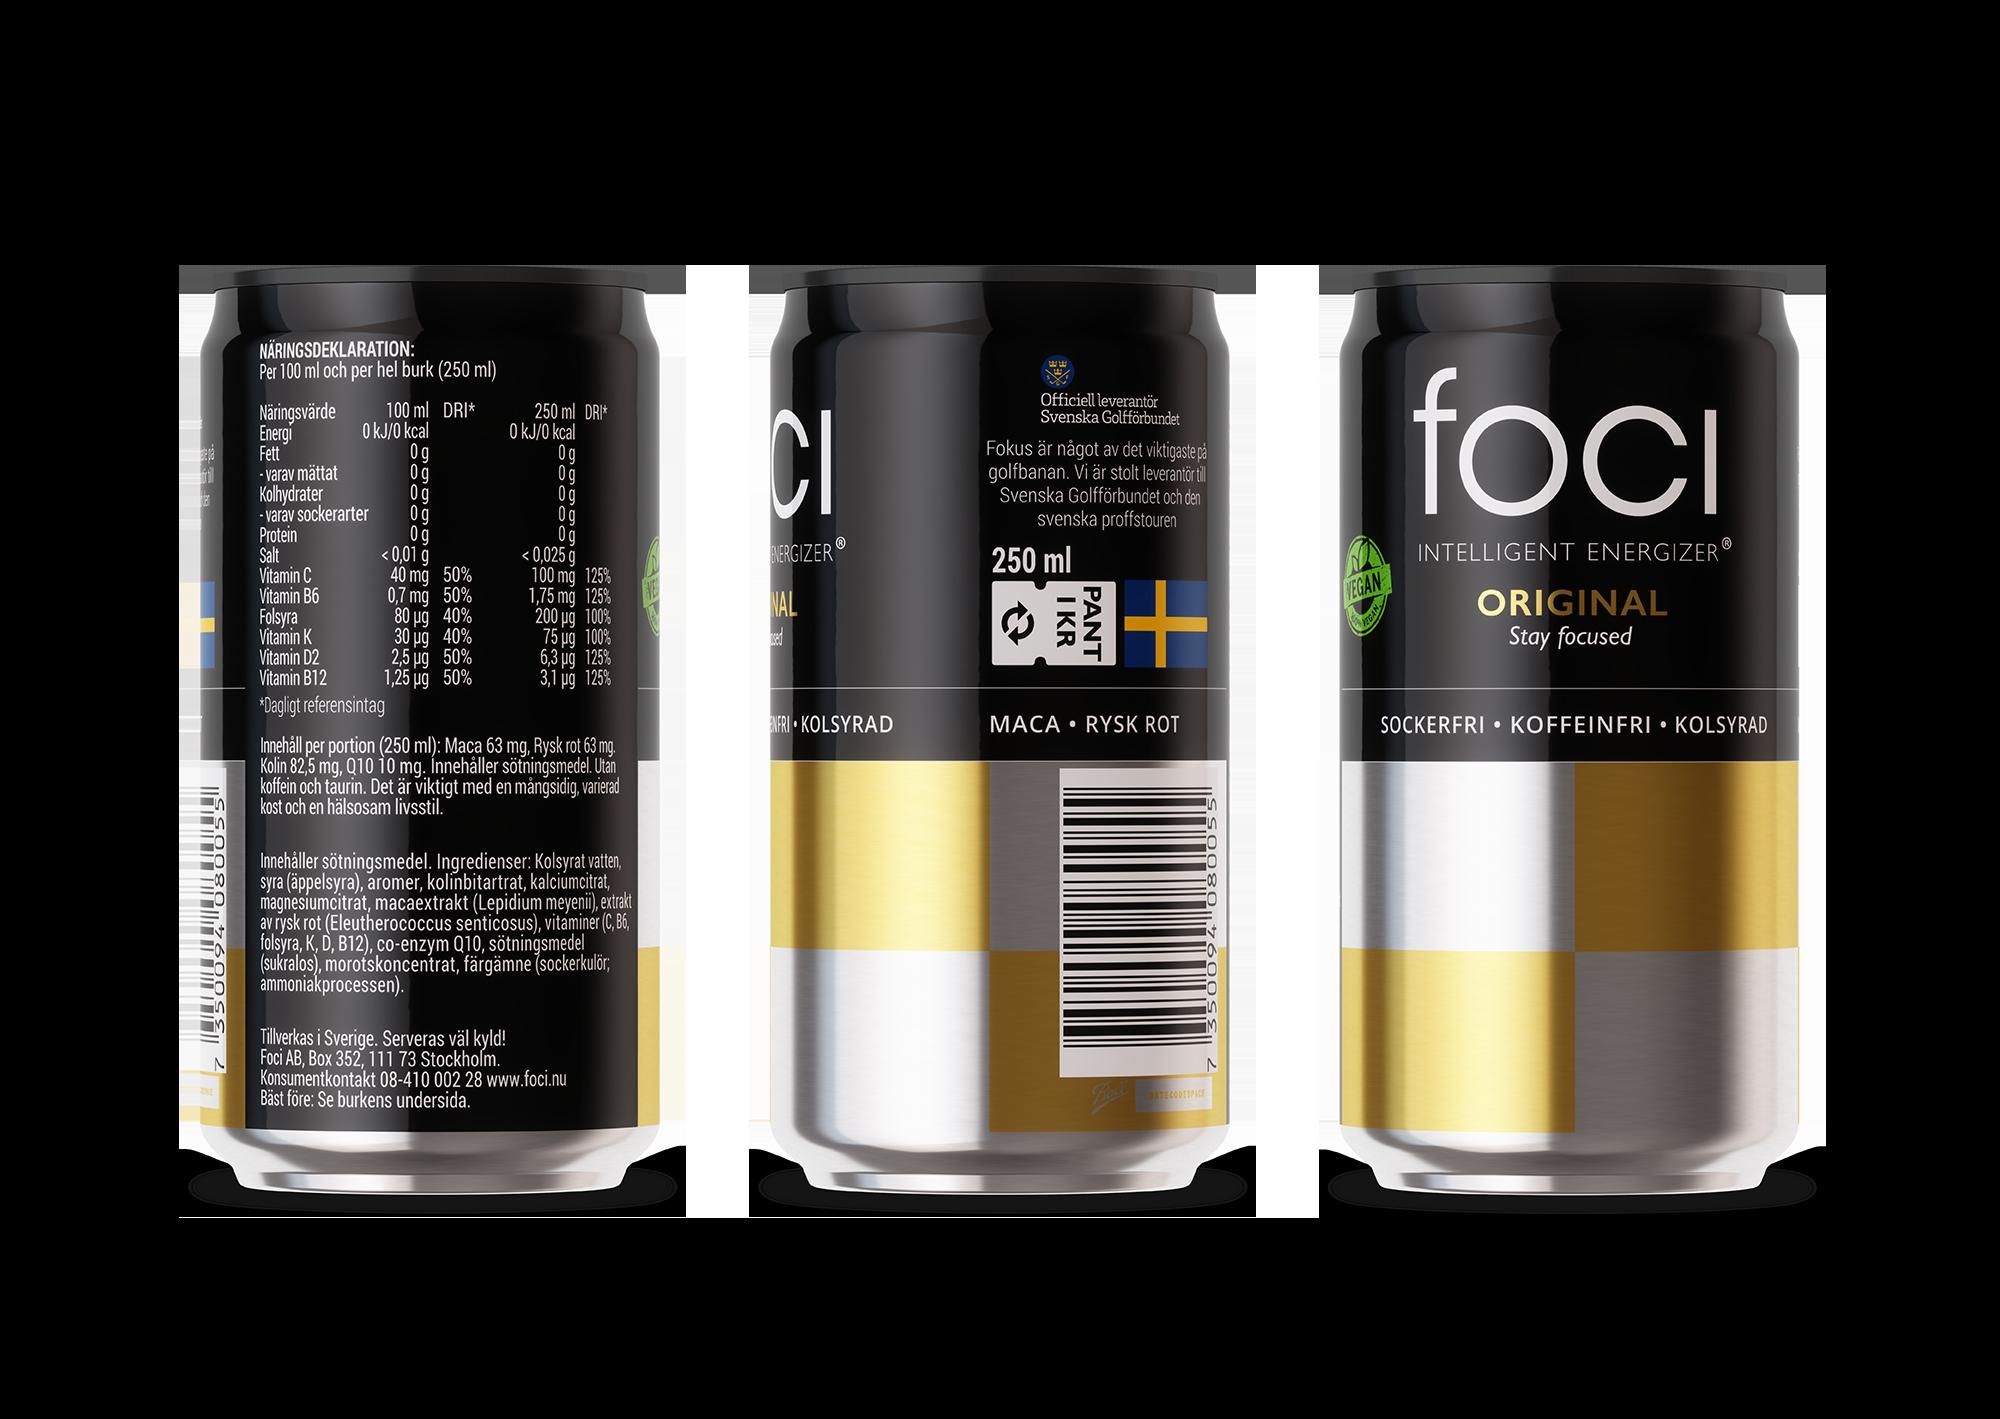 FOCI Intelligent Energizer - Nyttig och hälsosam energidryck - Rysk Rot - Maca - Koffeinfri - Sockerfri